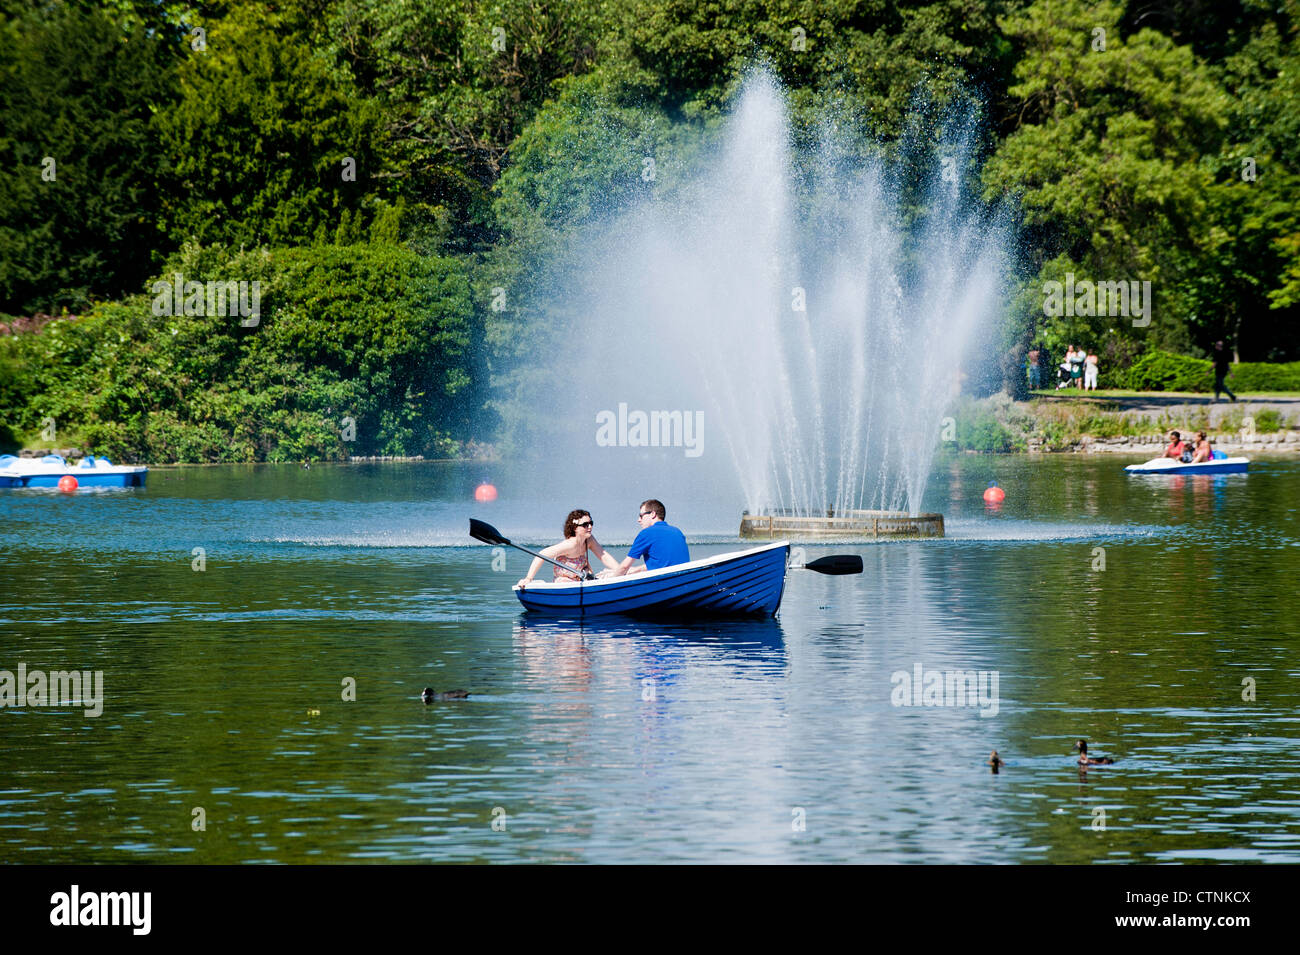 Les gens profiter de la navigation de plaisance sur la chaude journée d'été, Victoria Park, London, Photo Stock